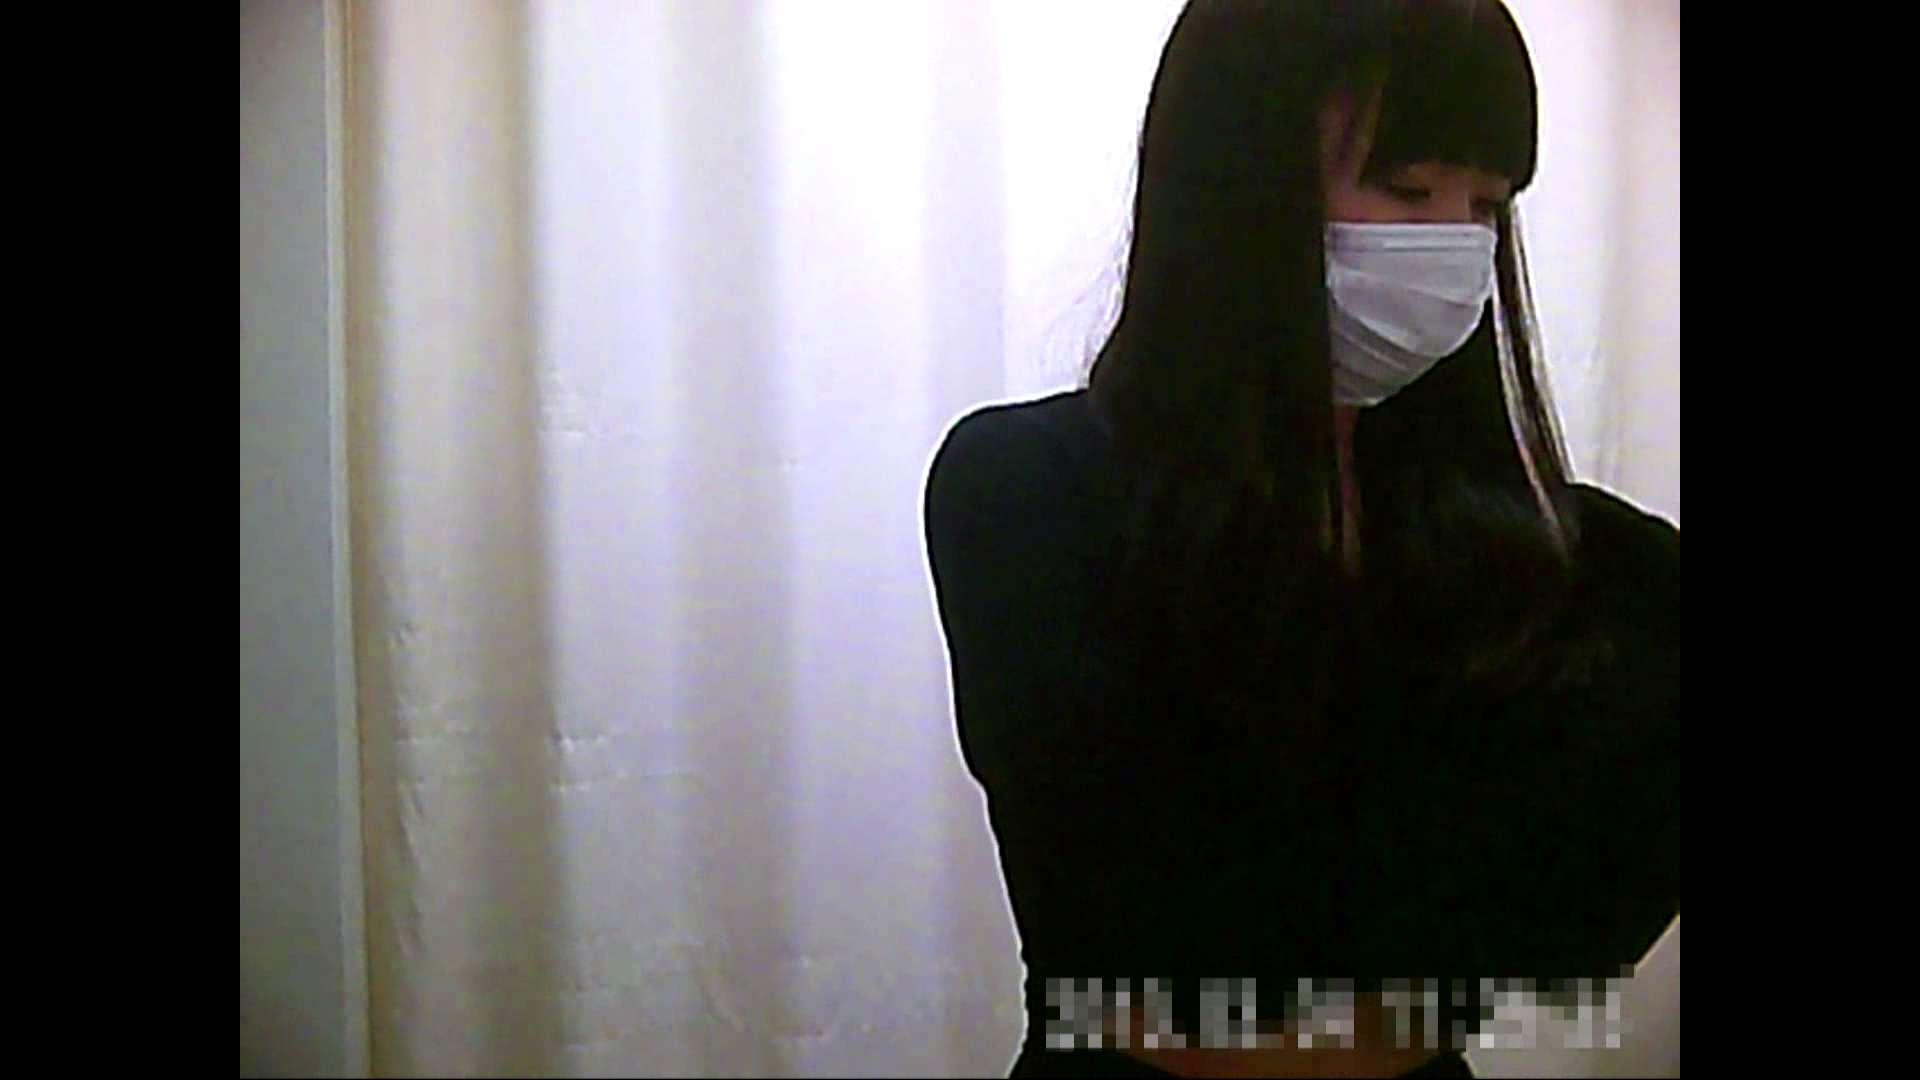 元医者による反抗 更衣室地獄絵巻 vol.103 OL  100pic 94